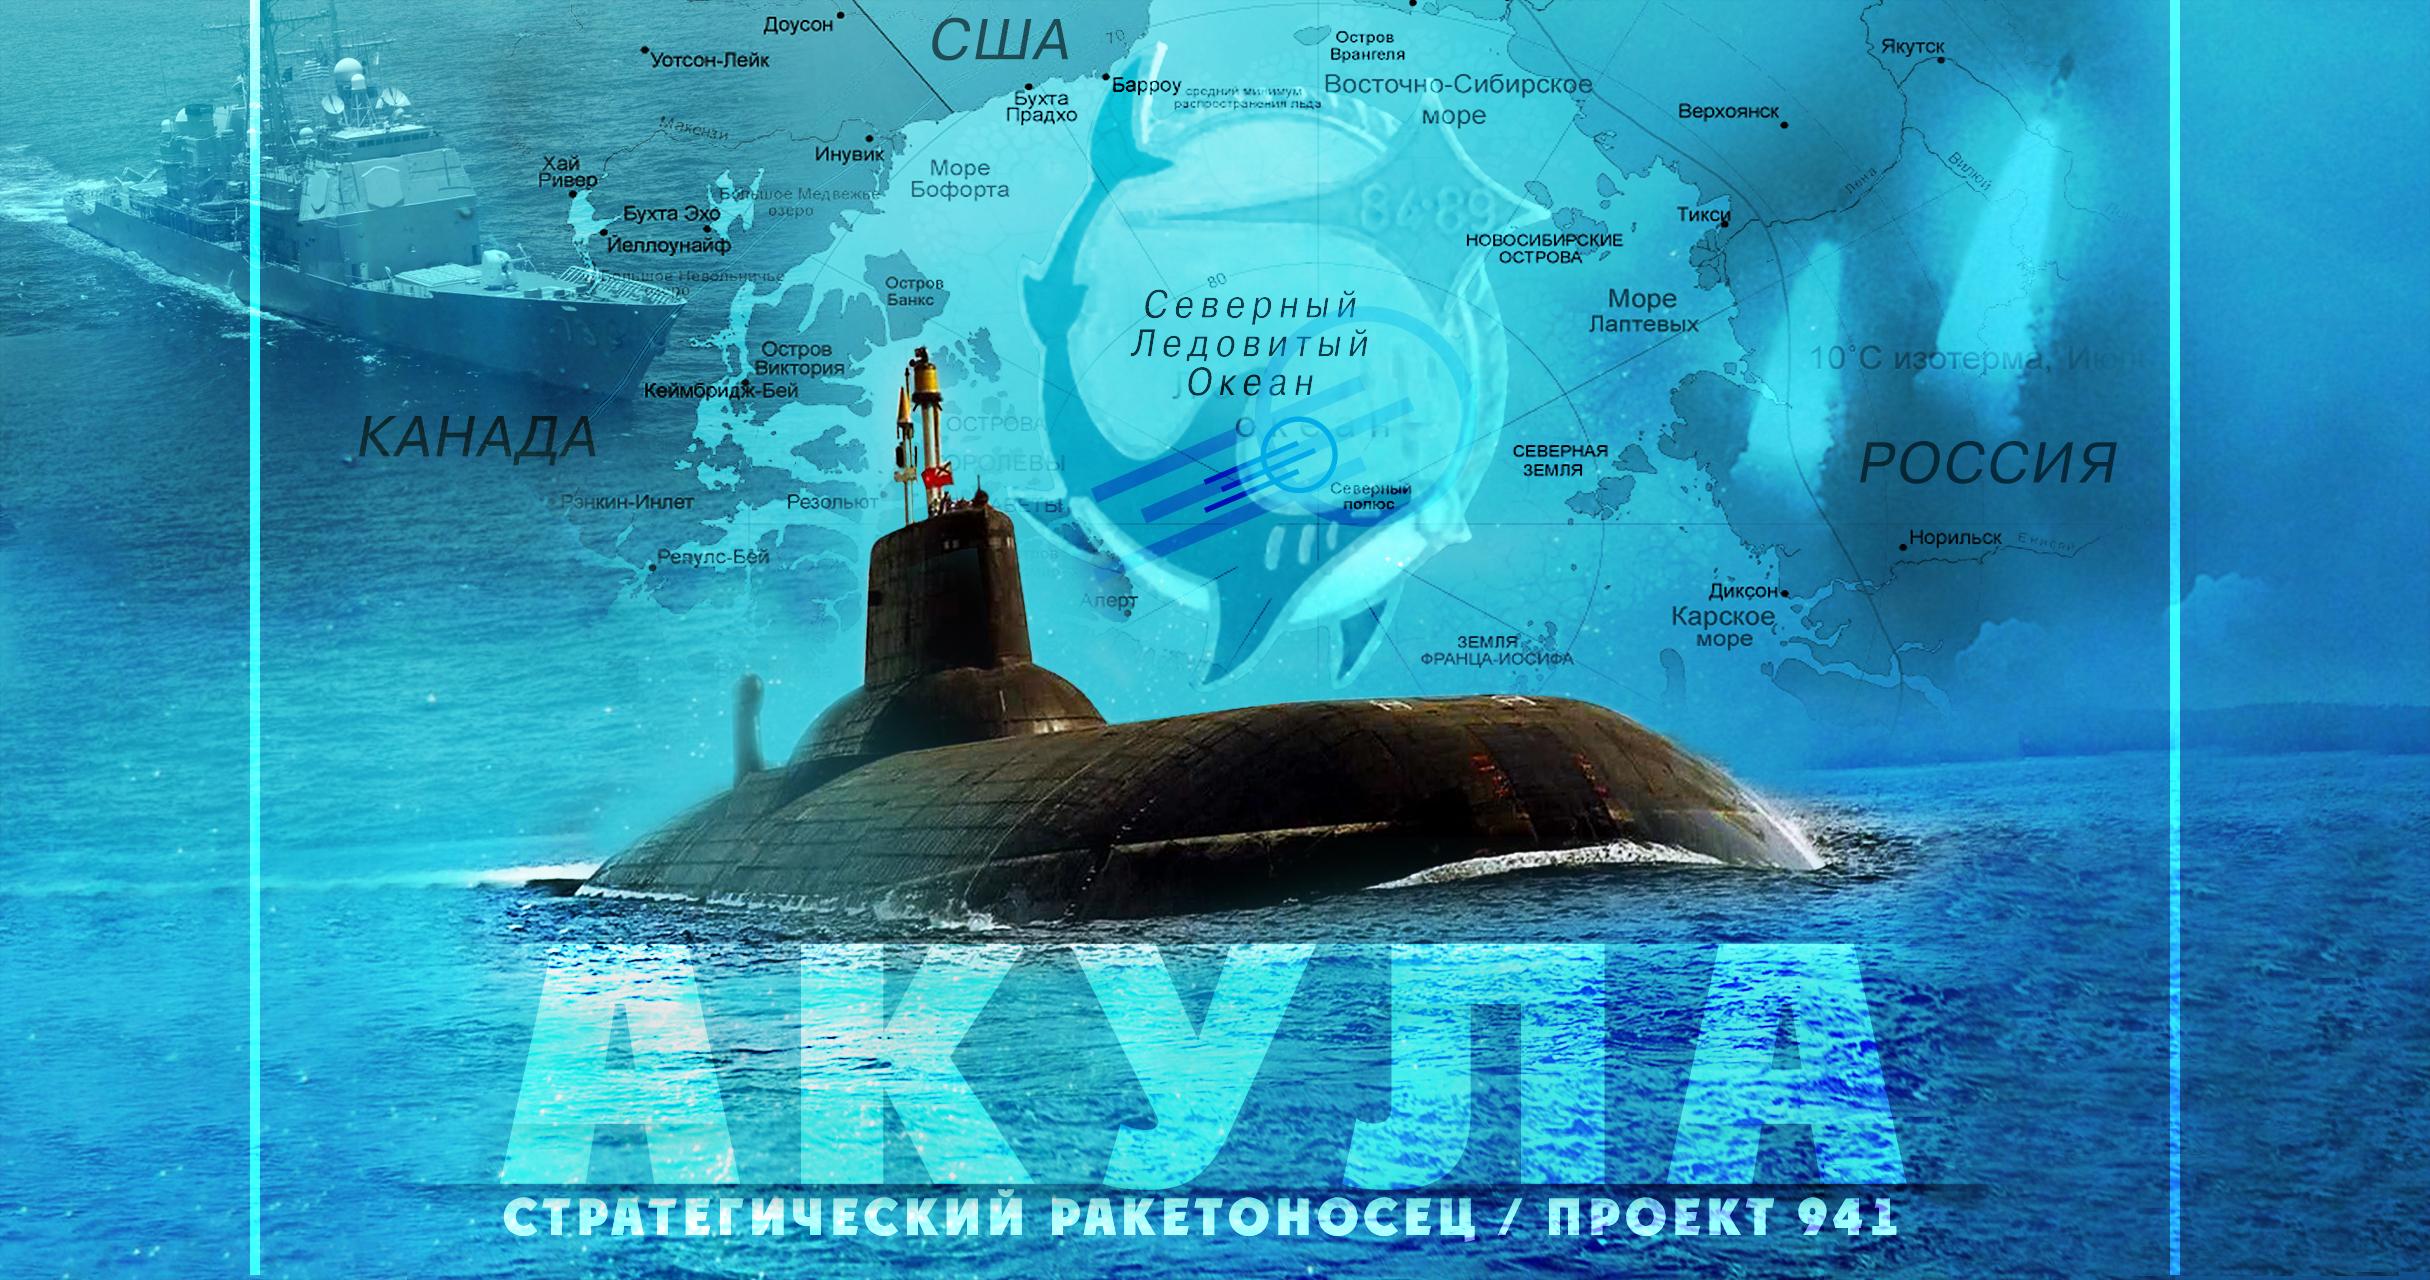 Проект 941. Подводная лодка Акула